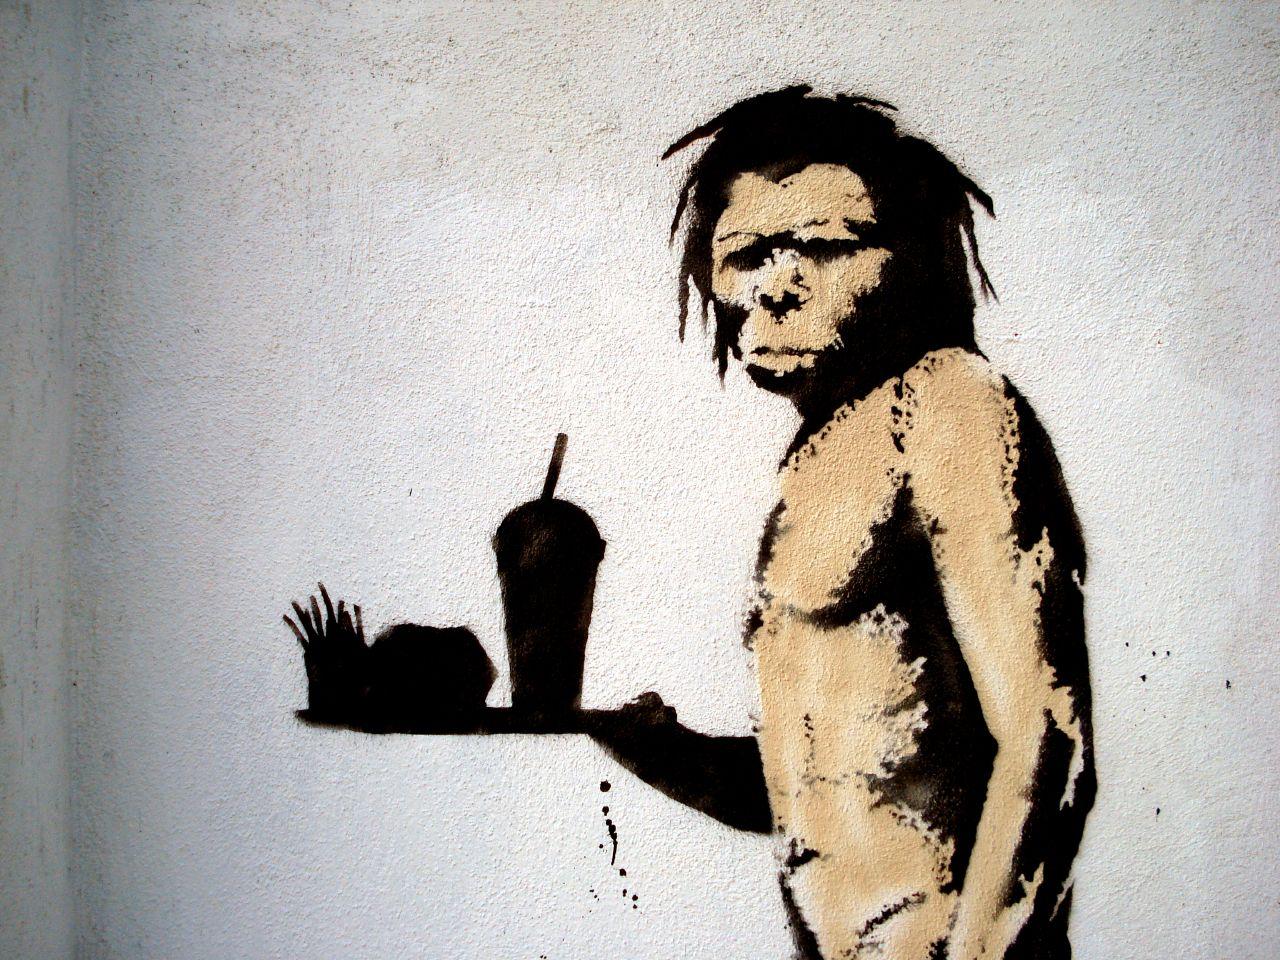 paleolithic-desktop-wallpaper?